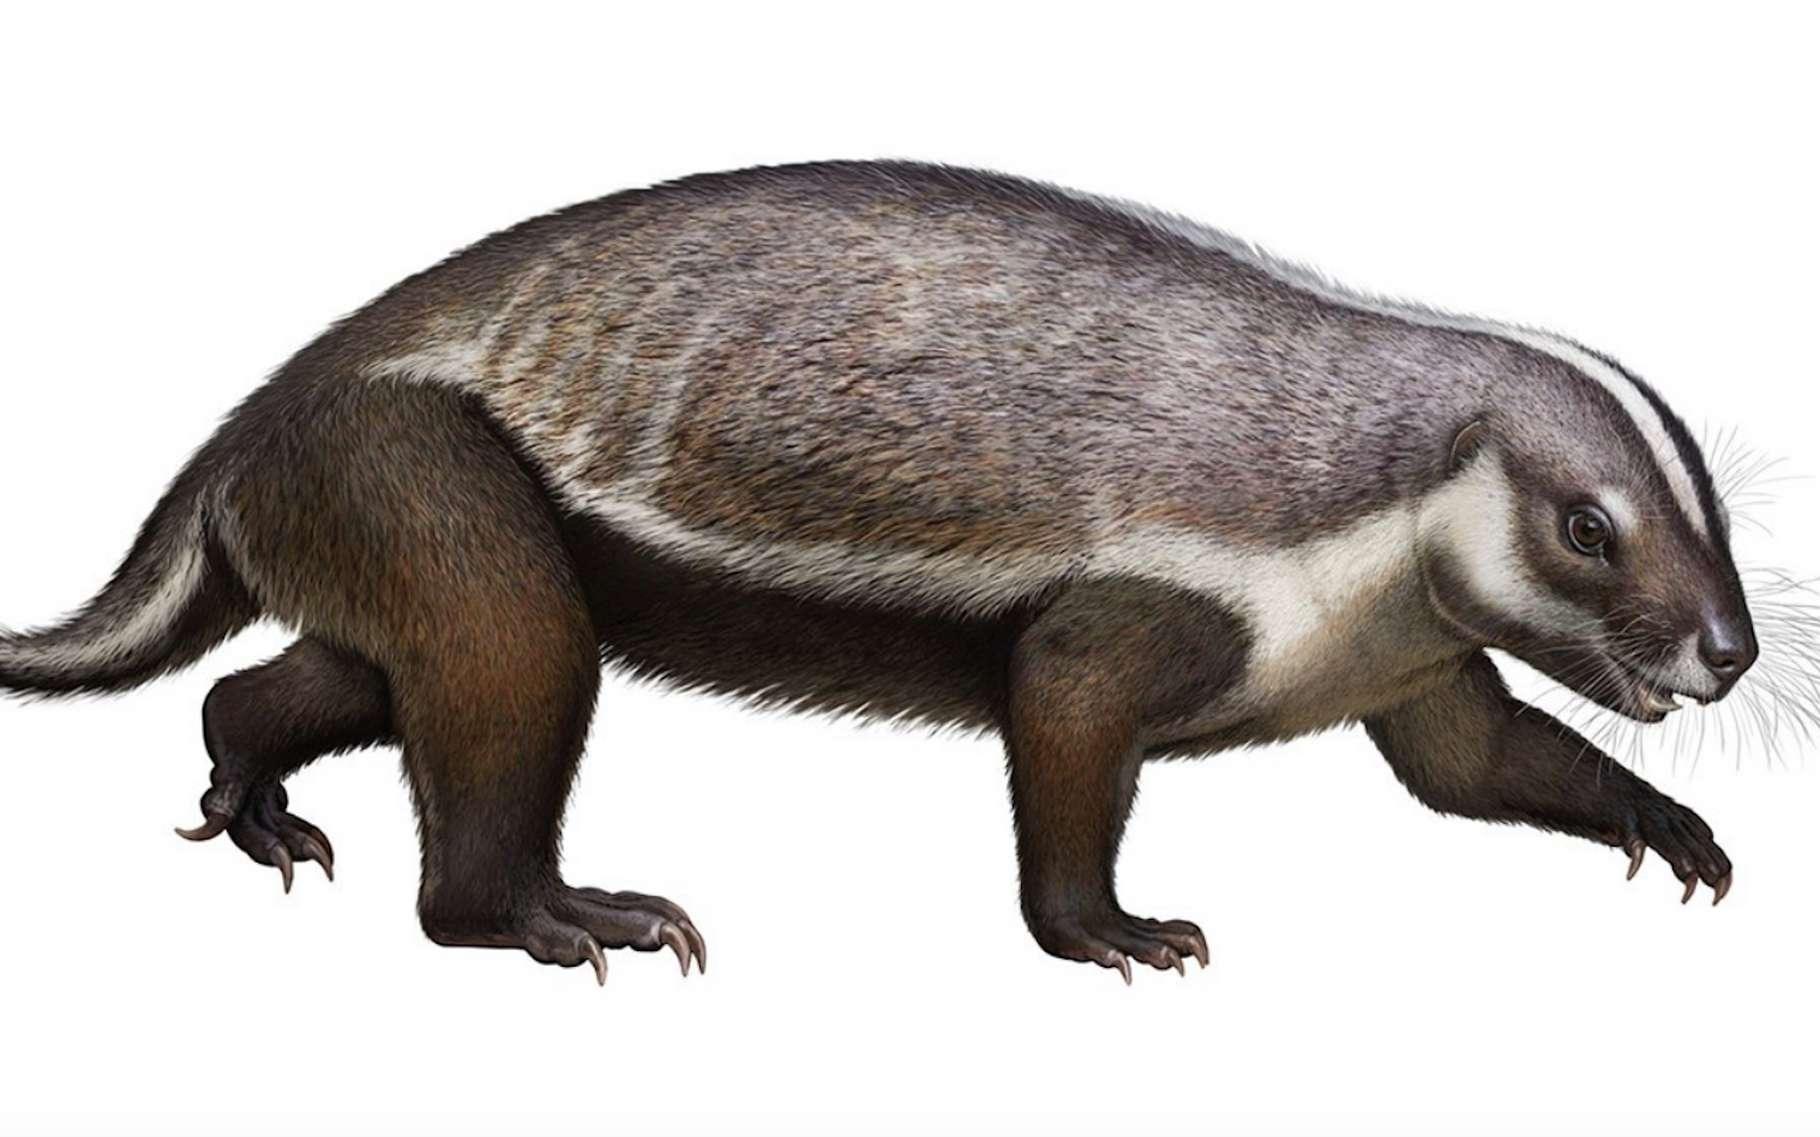 Ici, une illustration de ce que devait être l'aspect de l'Adalatherium, cet étrange mammifère découvert à Madagascar par des chercheurs du Denver Museum of Nature & Science (États-Unis). Selon eux, une pièce importante du puzzle de l'évolution des mammifères dans l'hémisphère sud. © Denver Museum of Nature & Science